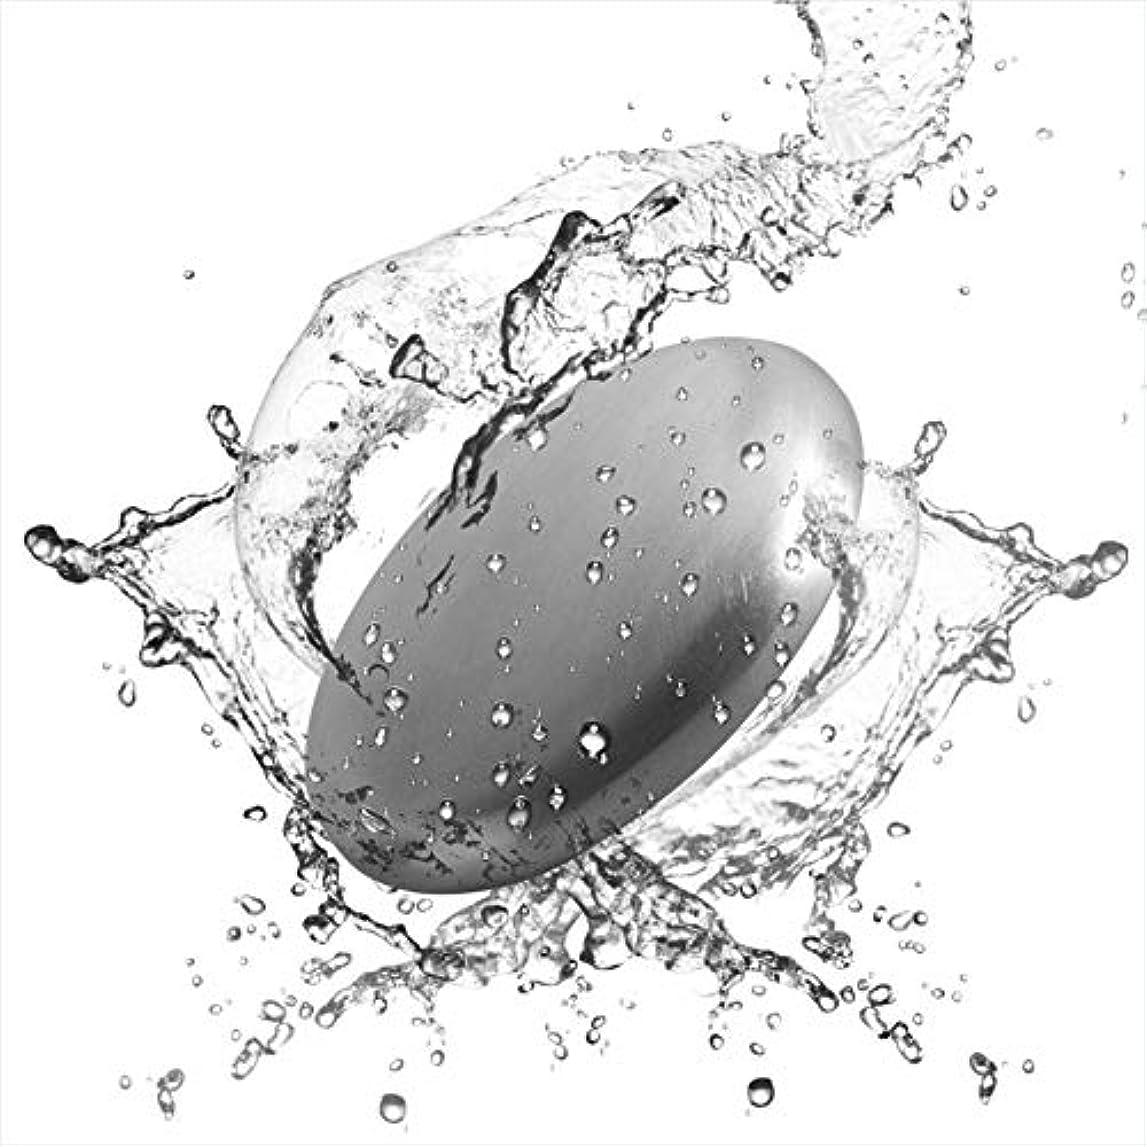 上へ補正溶岩Refoiner ステンレス製品 ソープ 実用的な台所用具 石鹸 魚臭 玉ねぎやニンニク 異臭を取り除く 2個